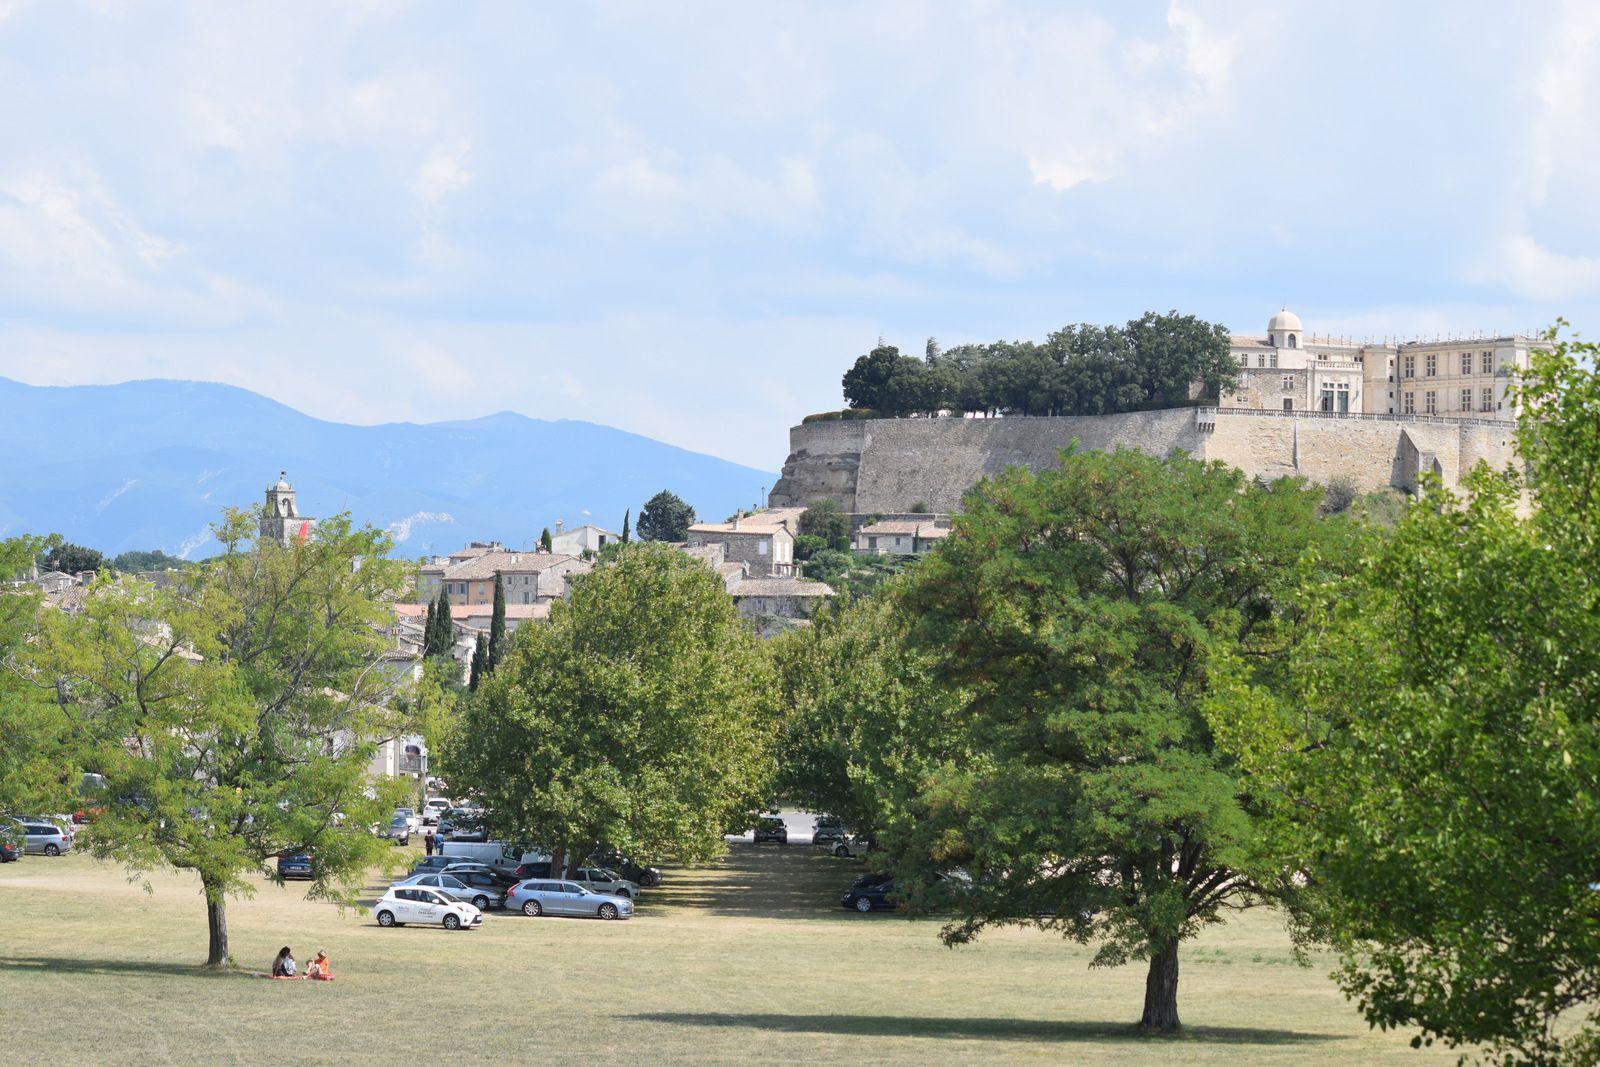 """Grignan est une commune française située dans le département de la Drôme en région Auvergne-Rhône-Alpes. La commune est membre de l'association """"Les Plus Beaux Villages de France."""""""